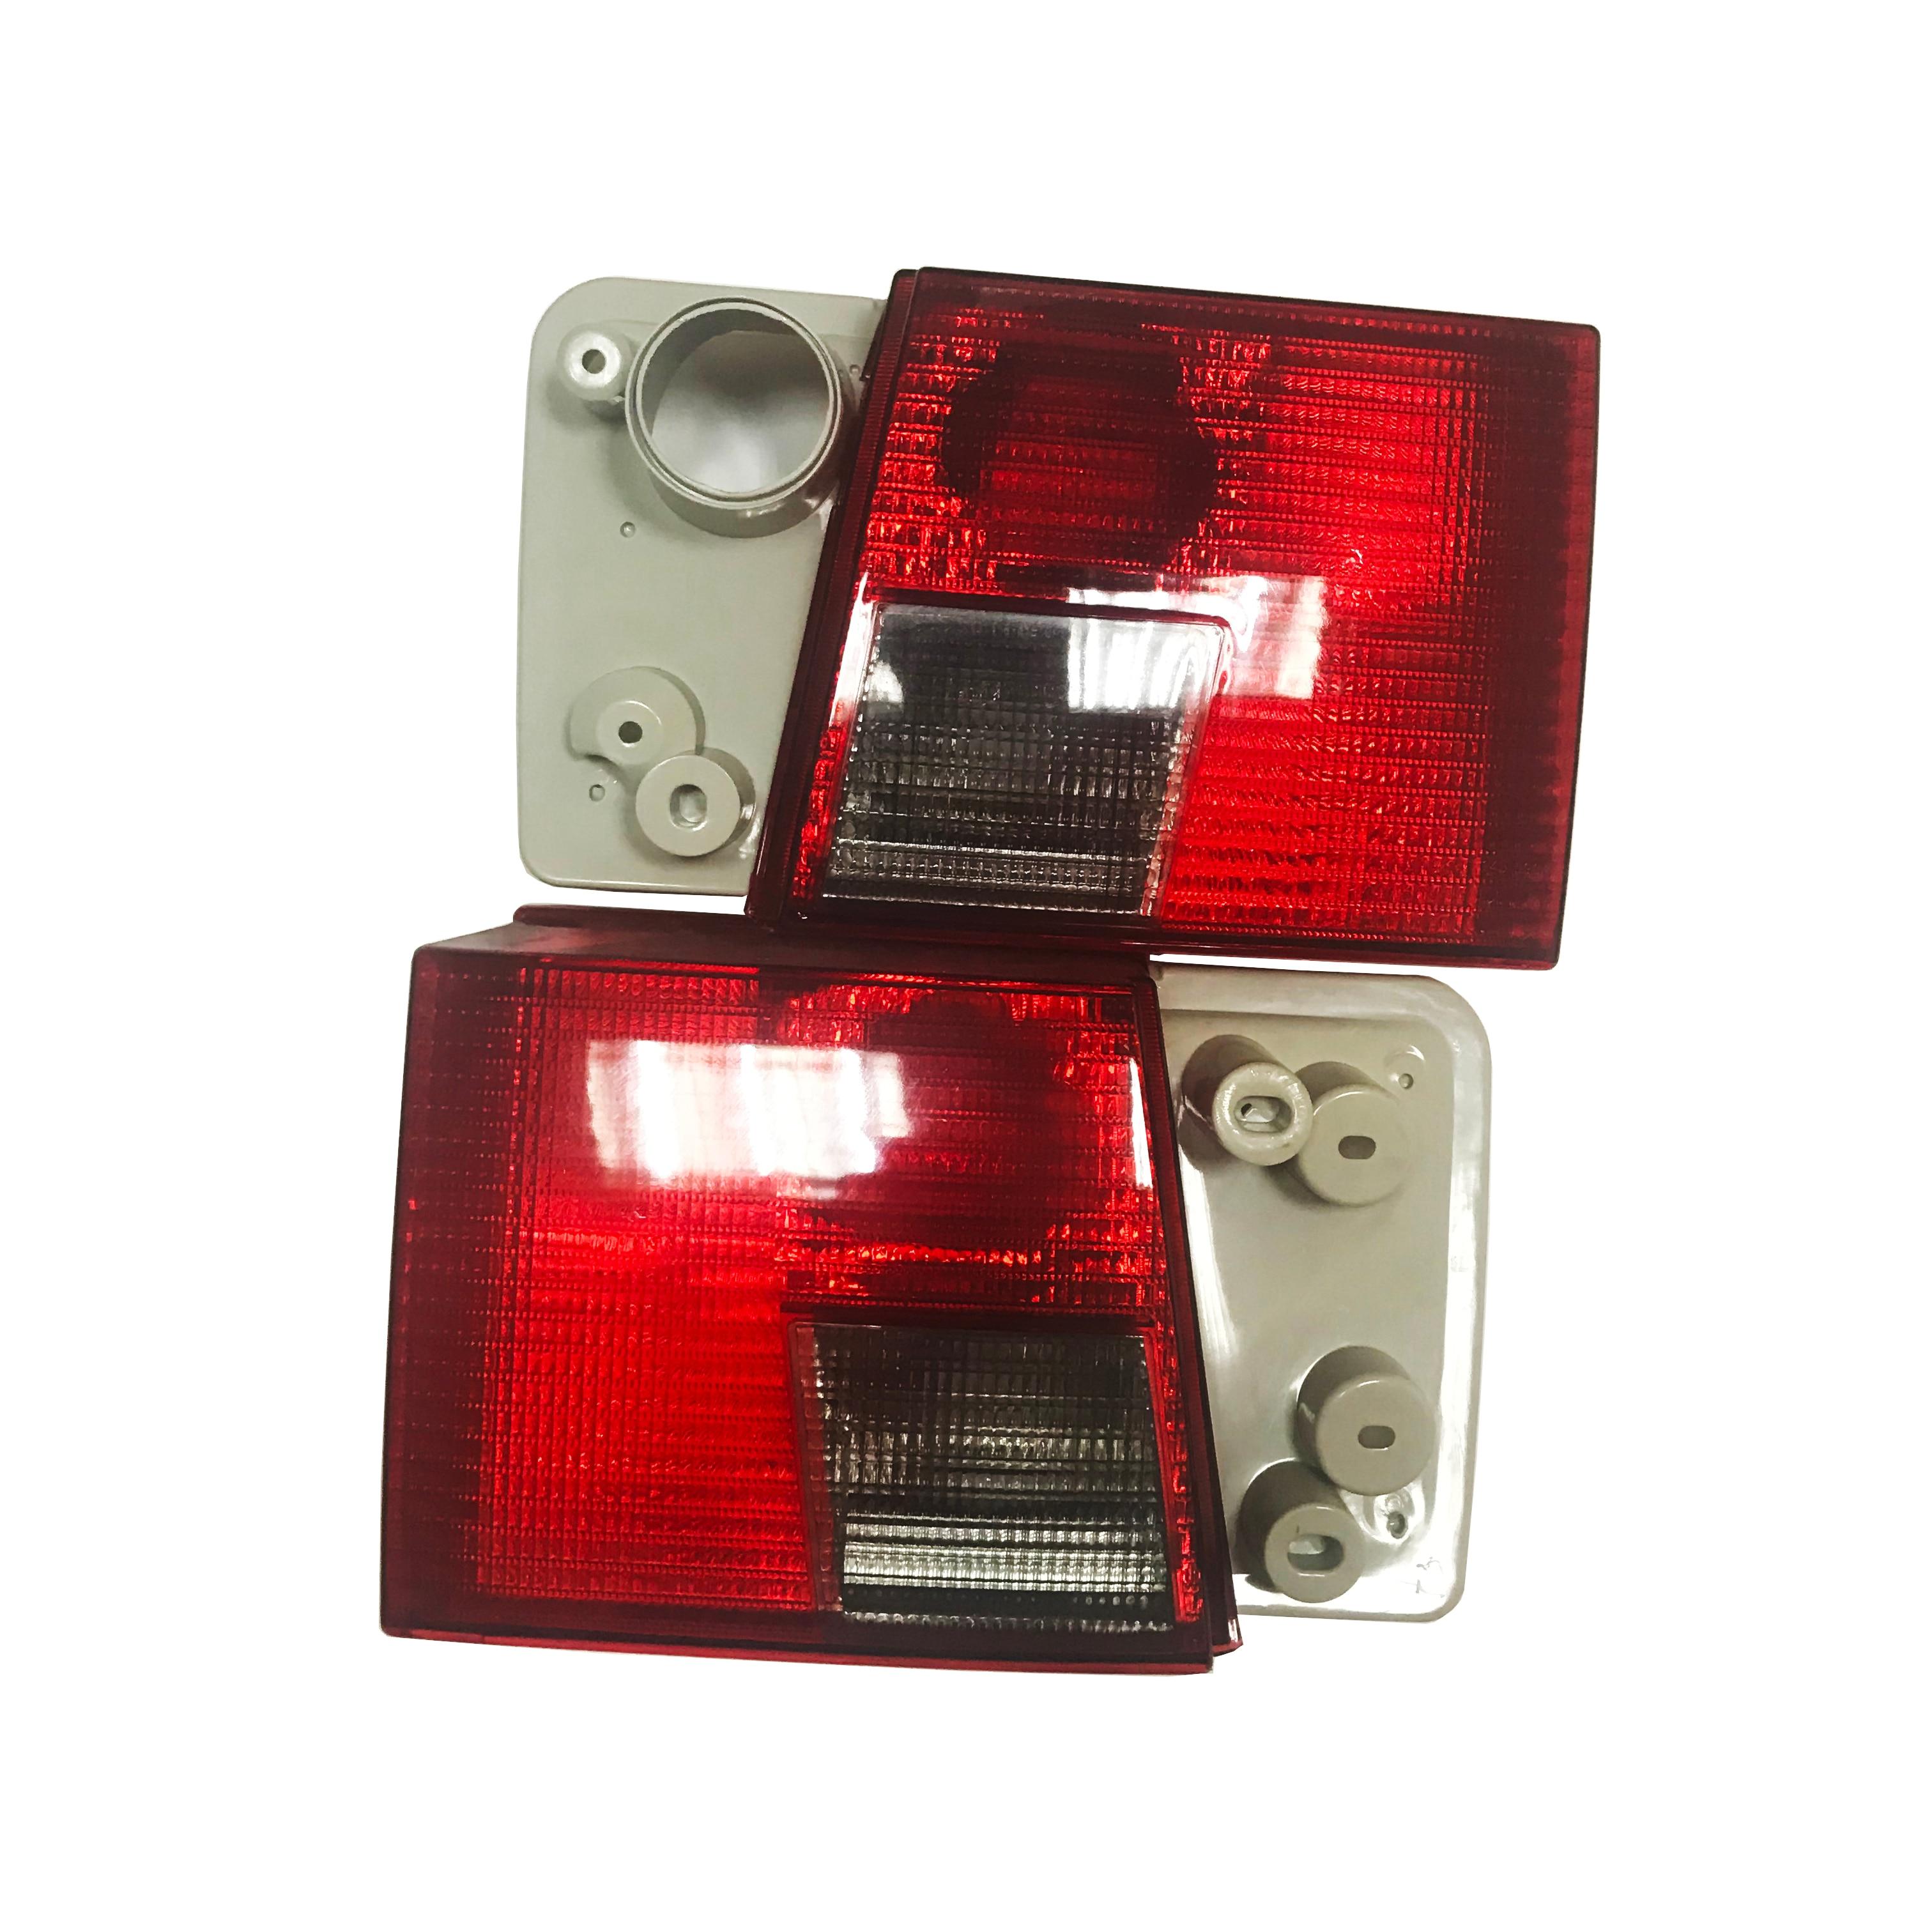 الذيل الخلفي وقف الفرامل ضوء مصباح لأودي A6 C4 1994 1995 1996 1997